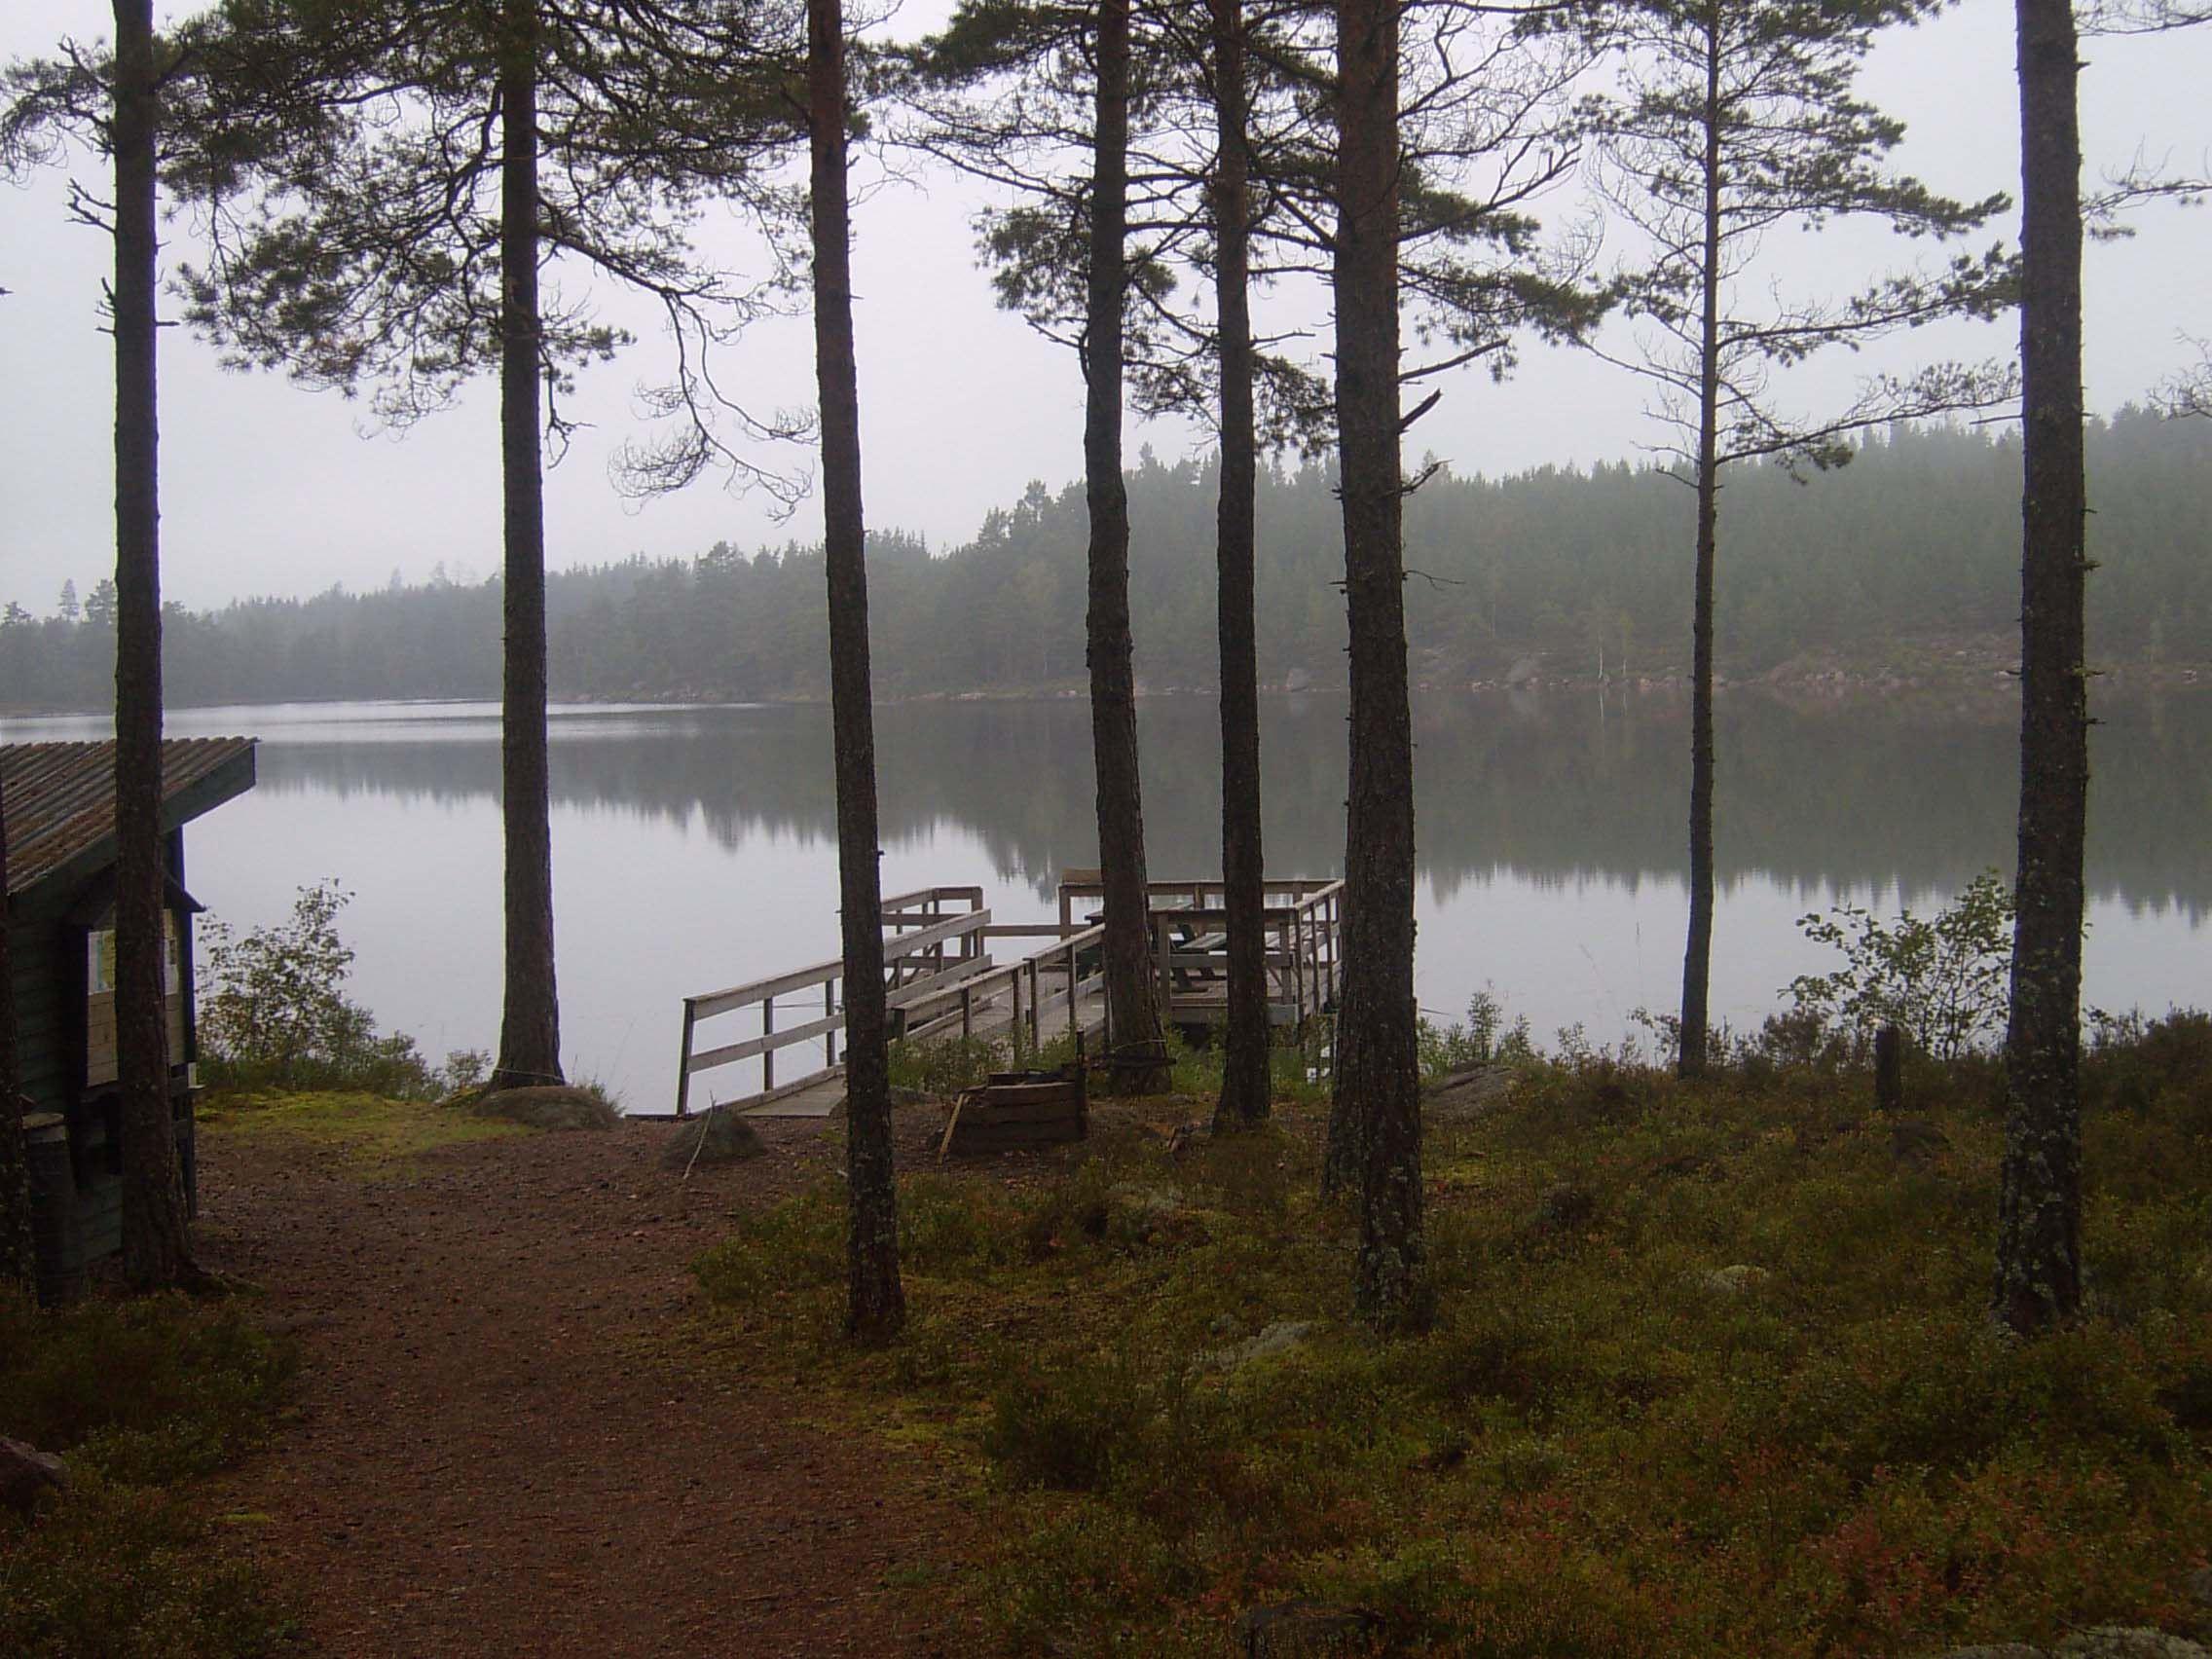 C-J Månsson, Välen, Stora Hammarsjöområdet